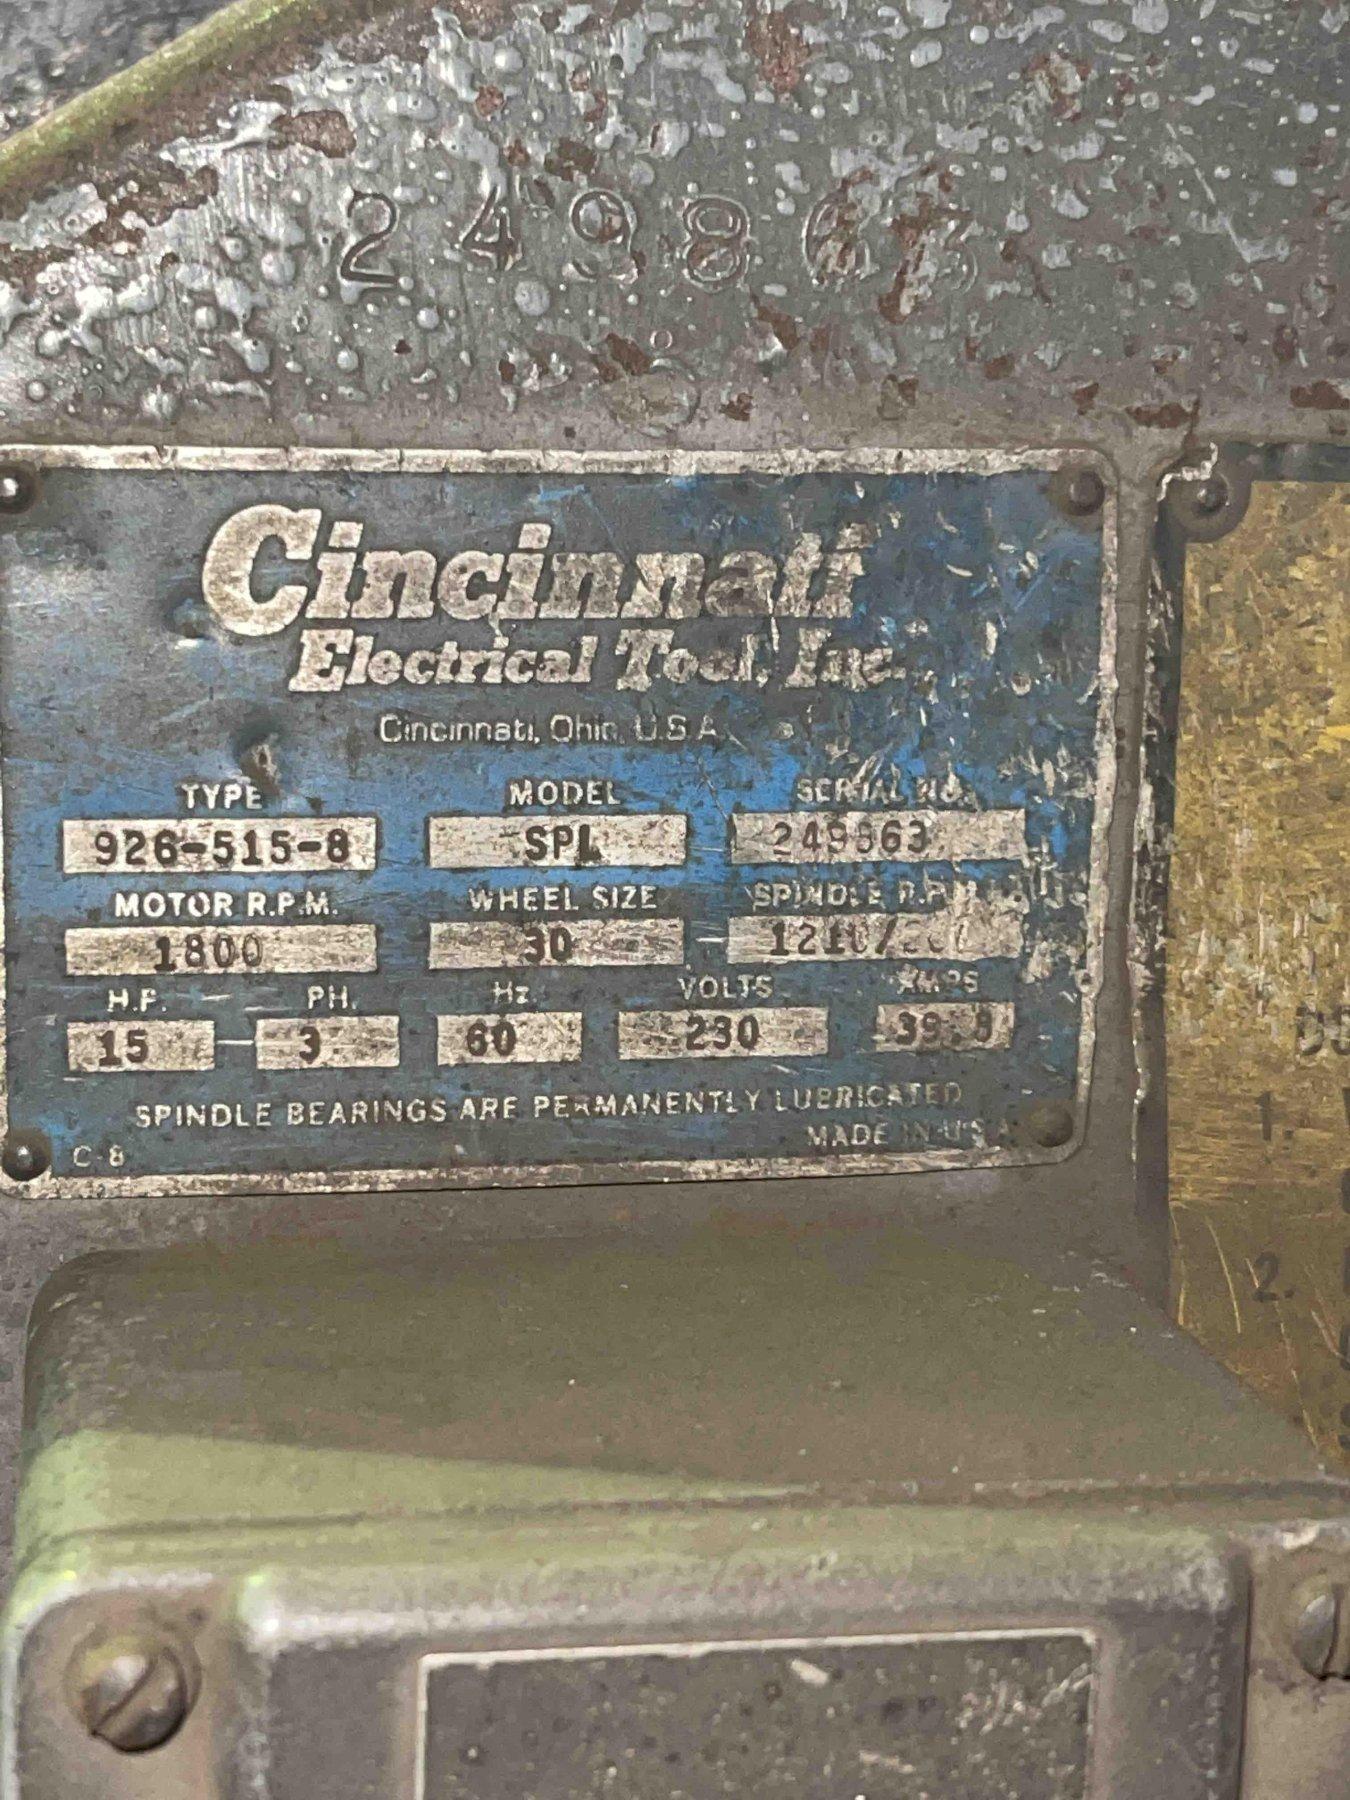 Cincinnati model 926-515-8 left hand single end snag grinder with safety guard, 15 hp, s/n 249863